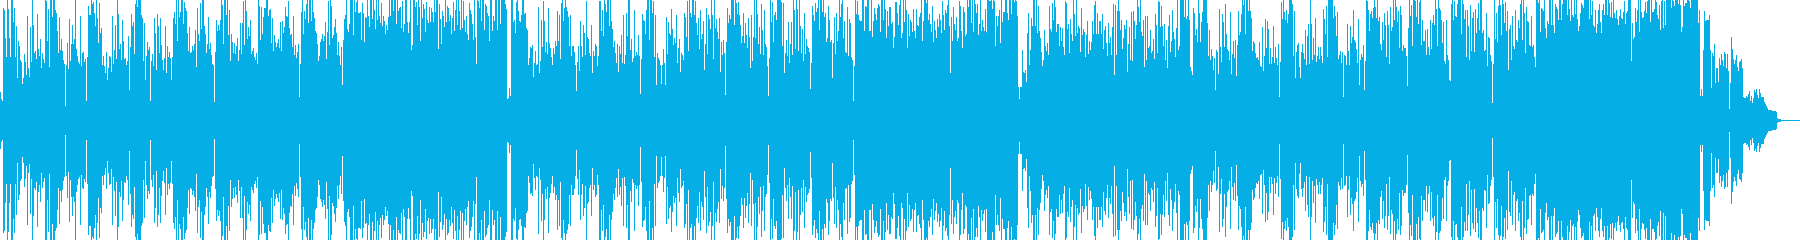 ガレージHipHopギター曲の再生済みの波形